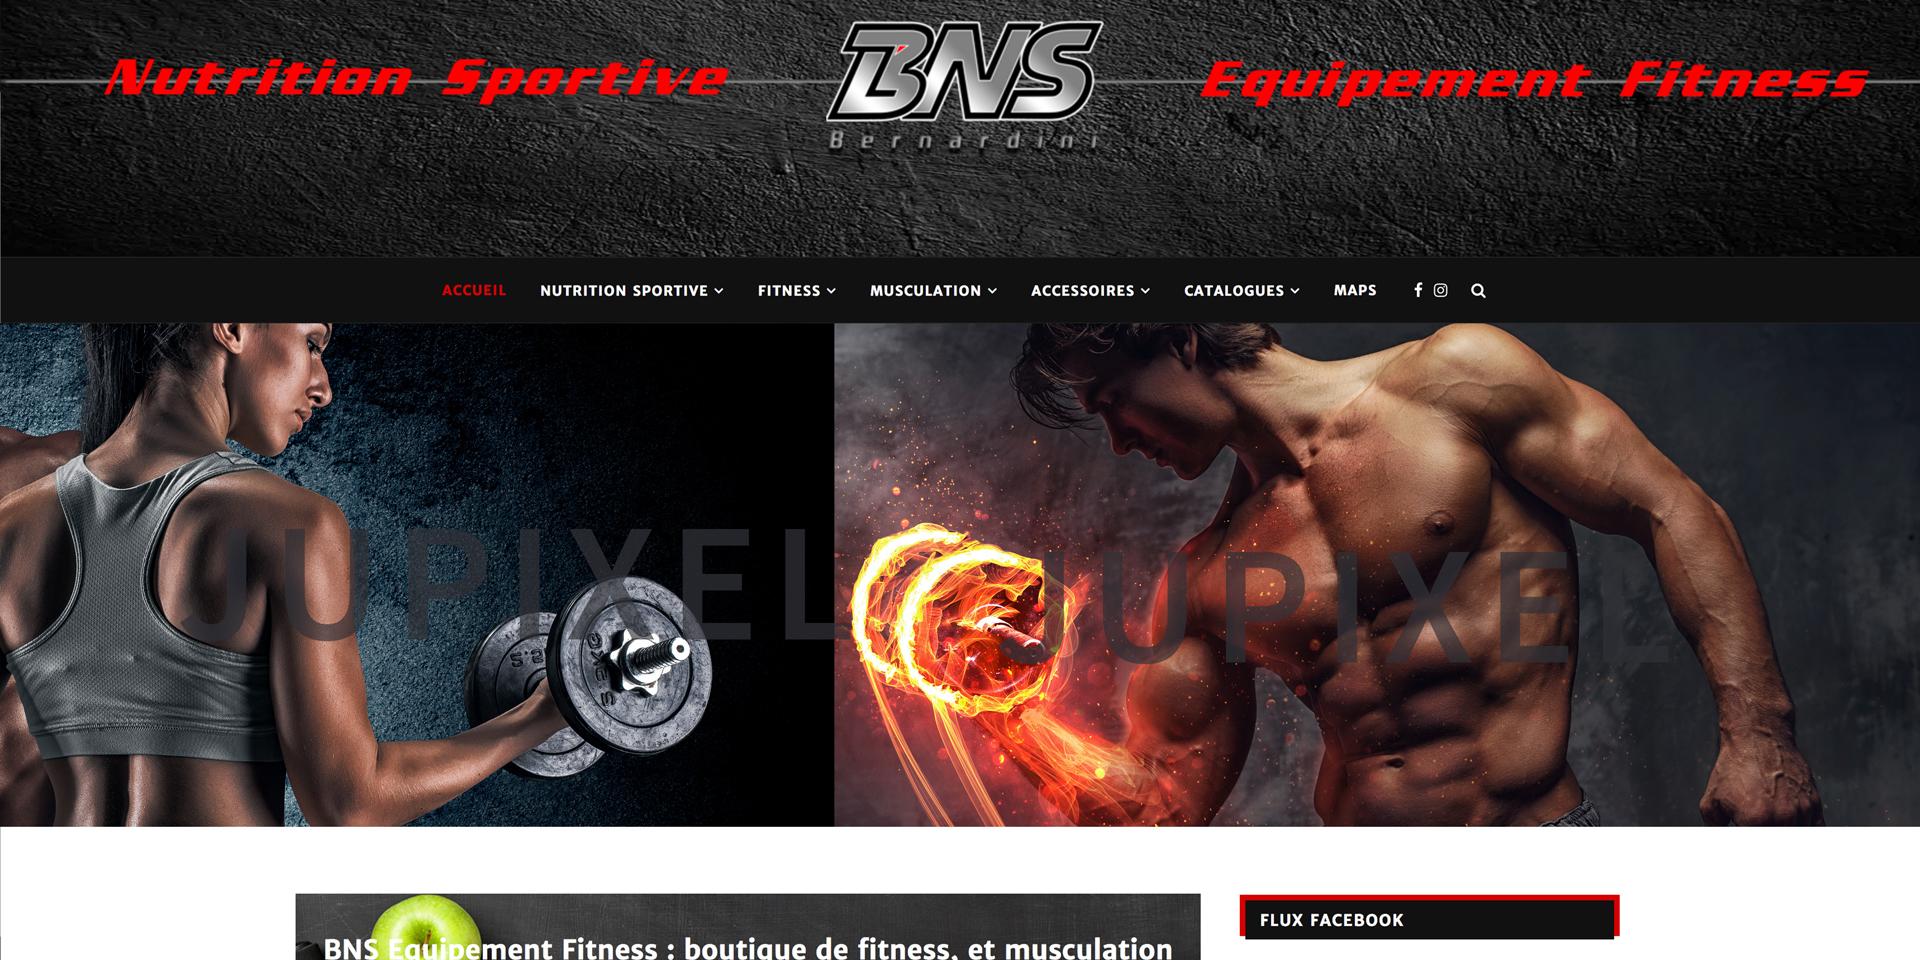 Bns-equipement-fitness-jupixel-bastia-corse-2